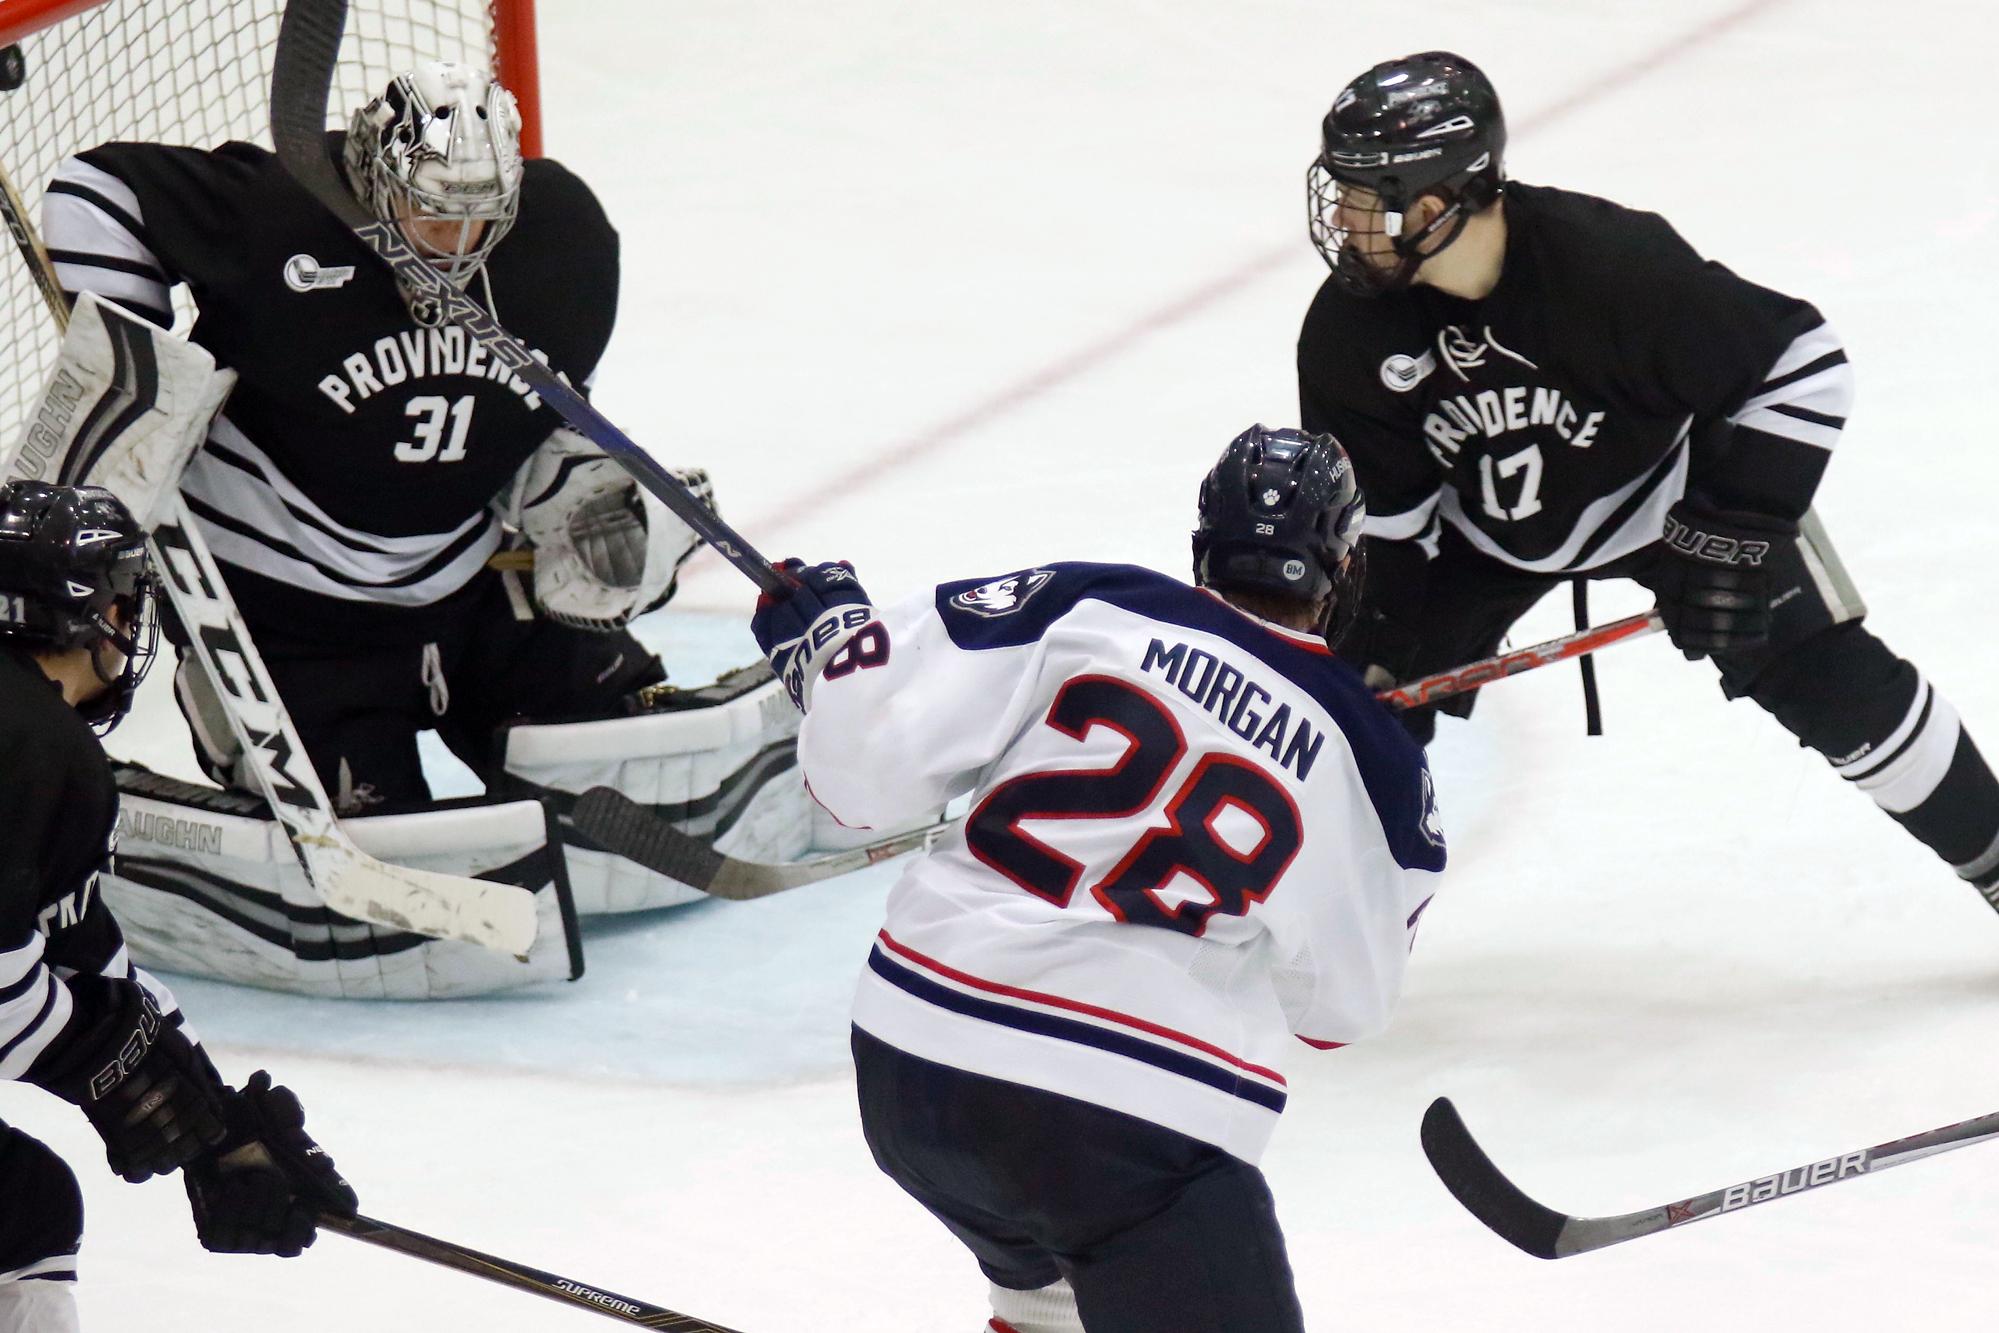 2014–15 Providence Friars men's ice hockey season - Wikipedia